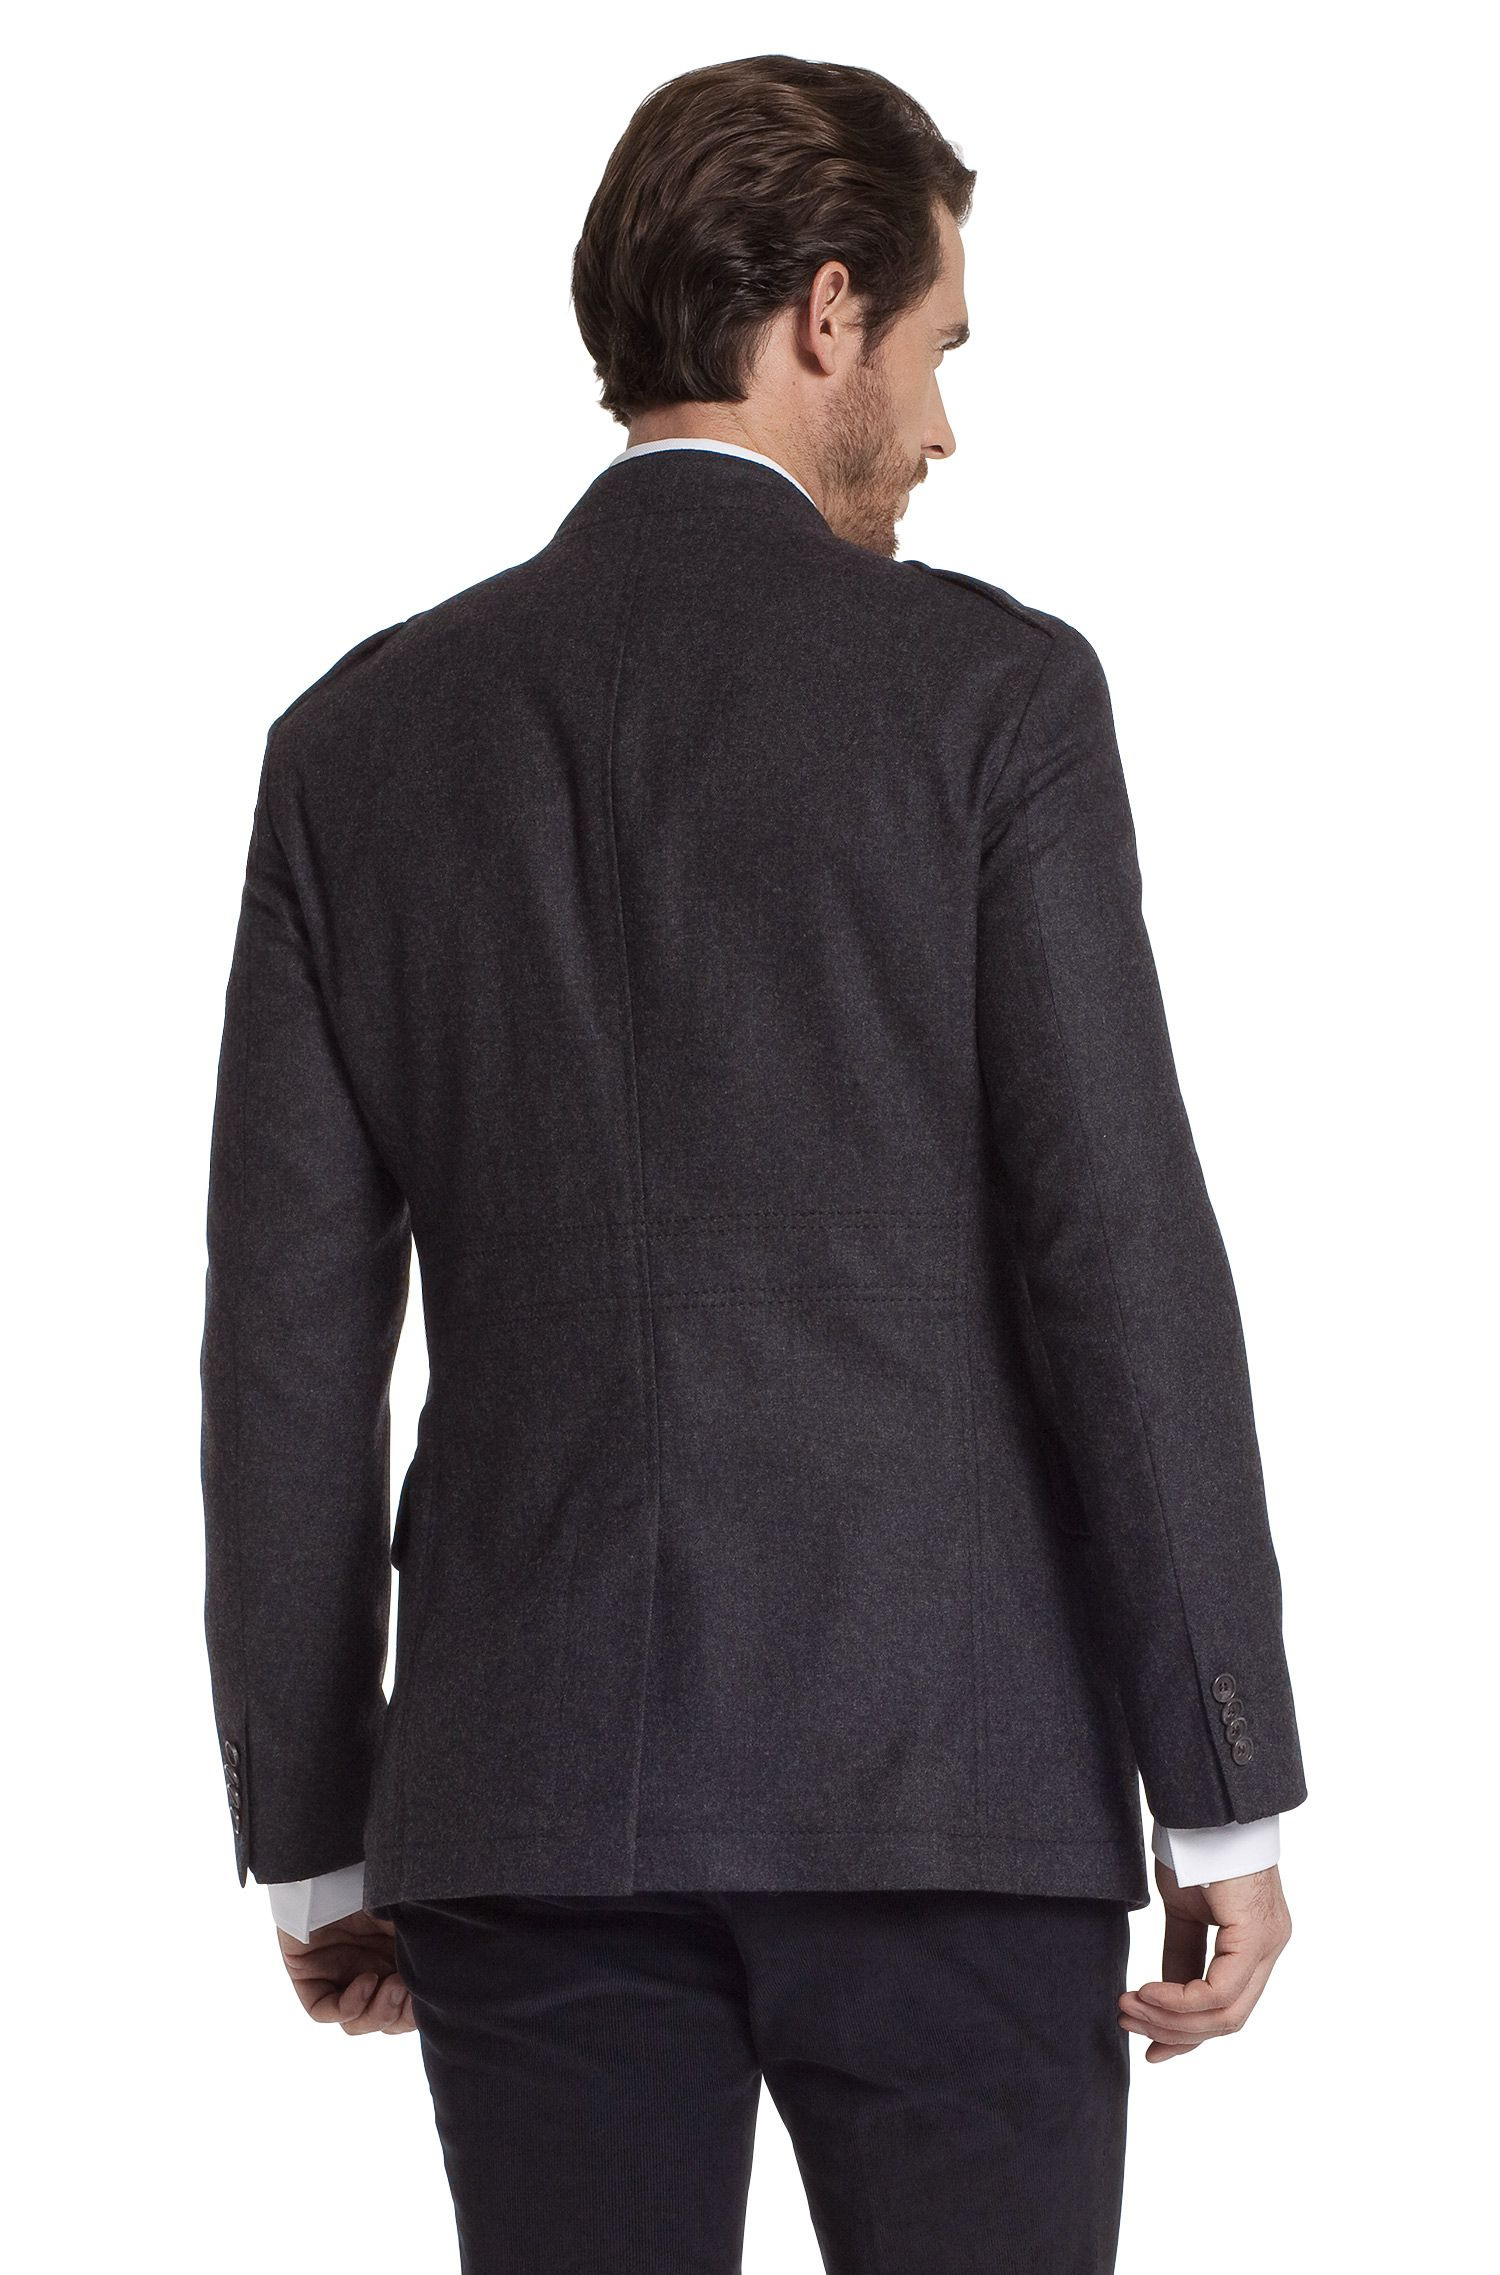 Veste en laine vierge mélangée, Harper1